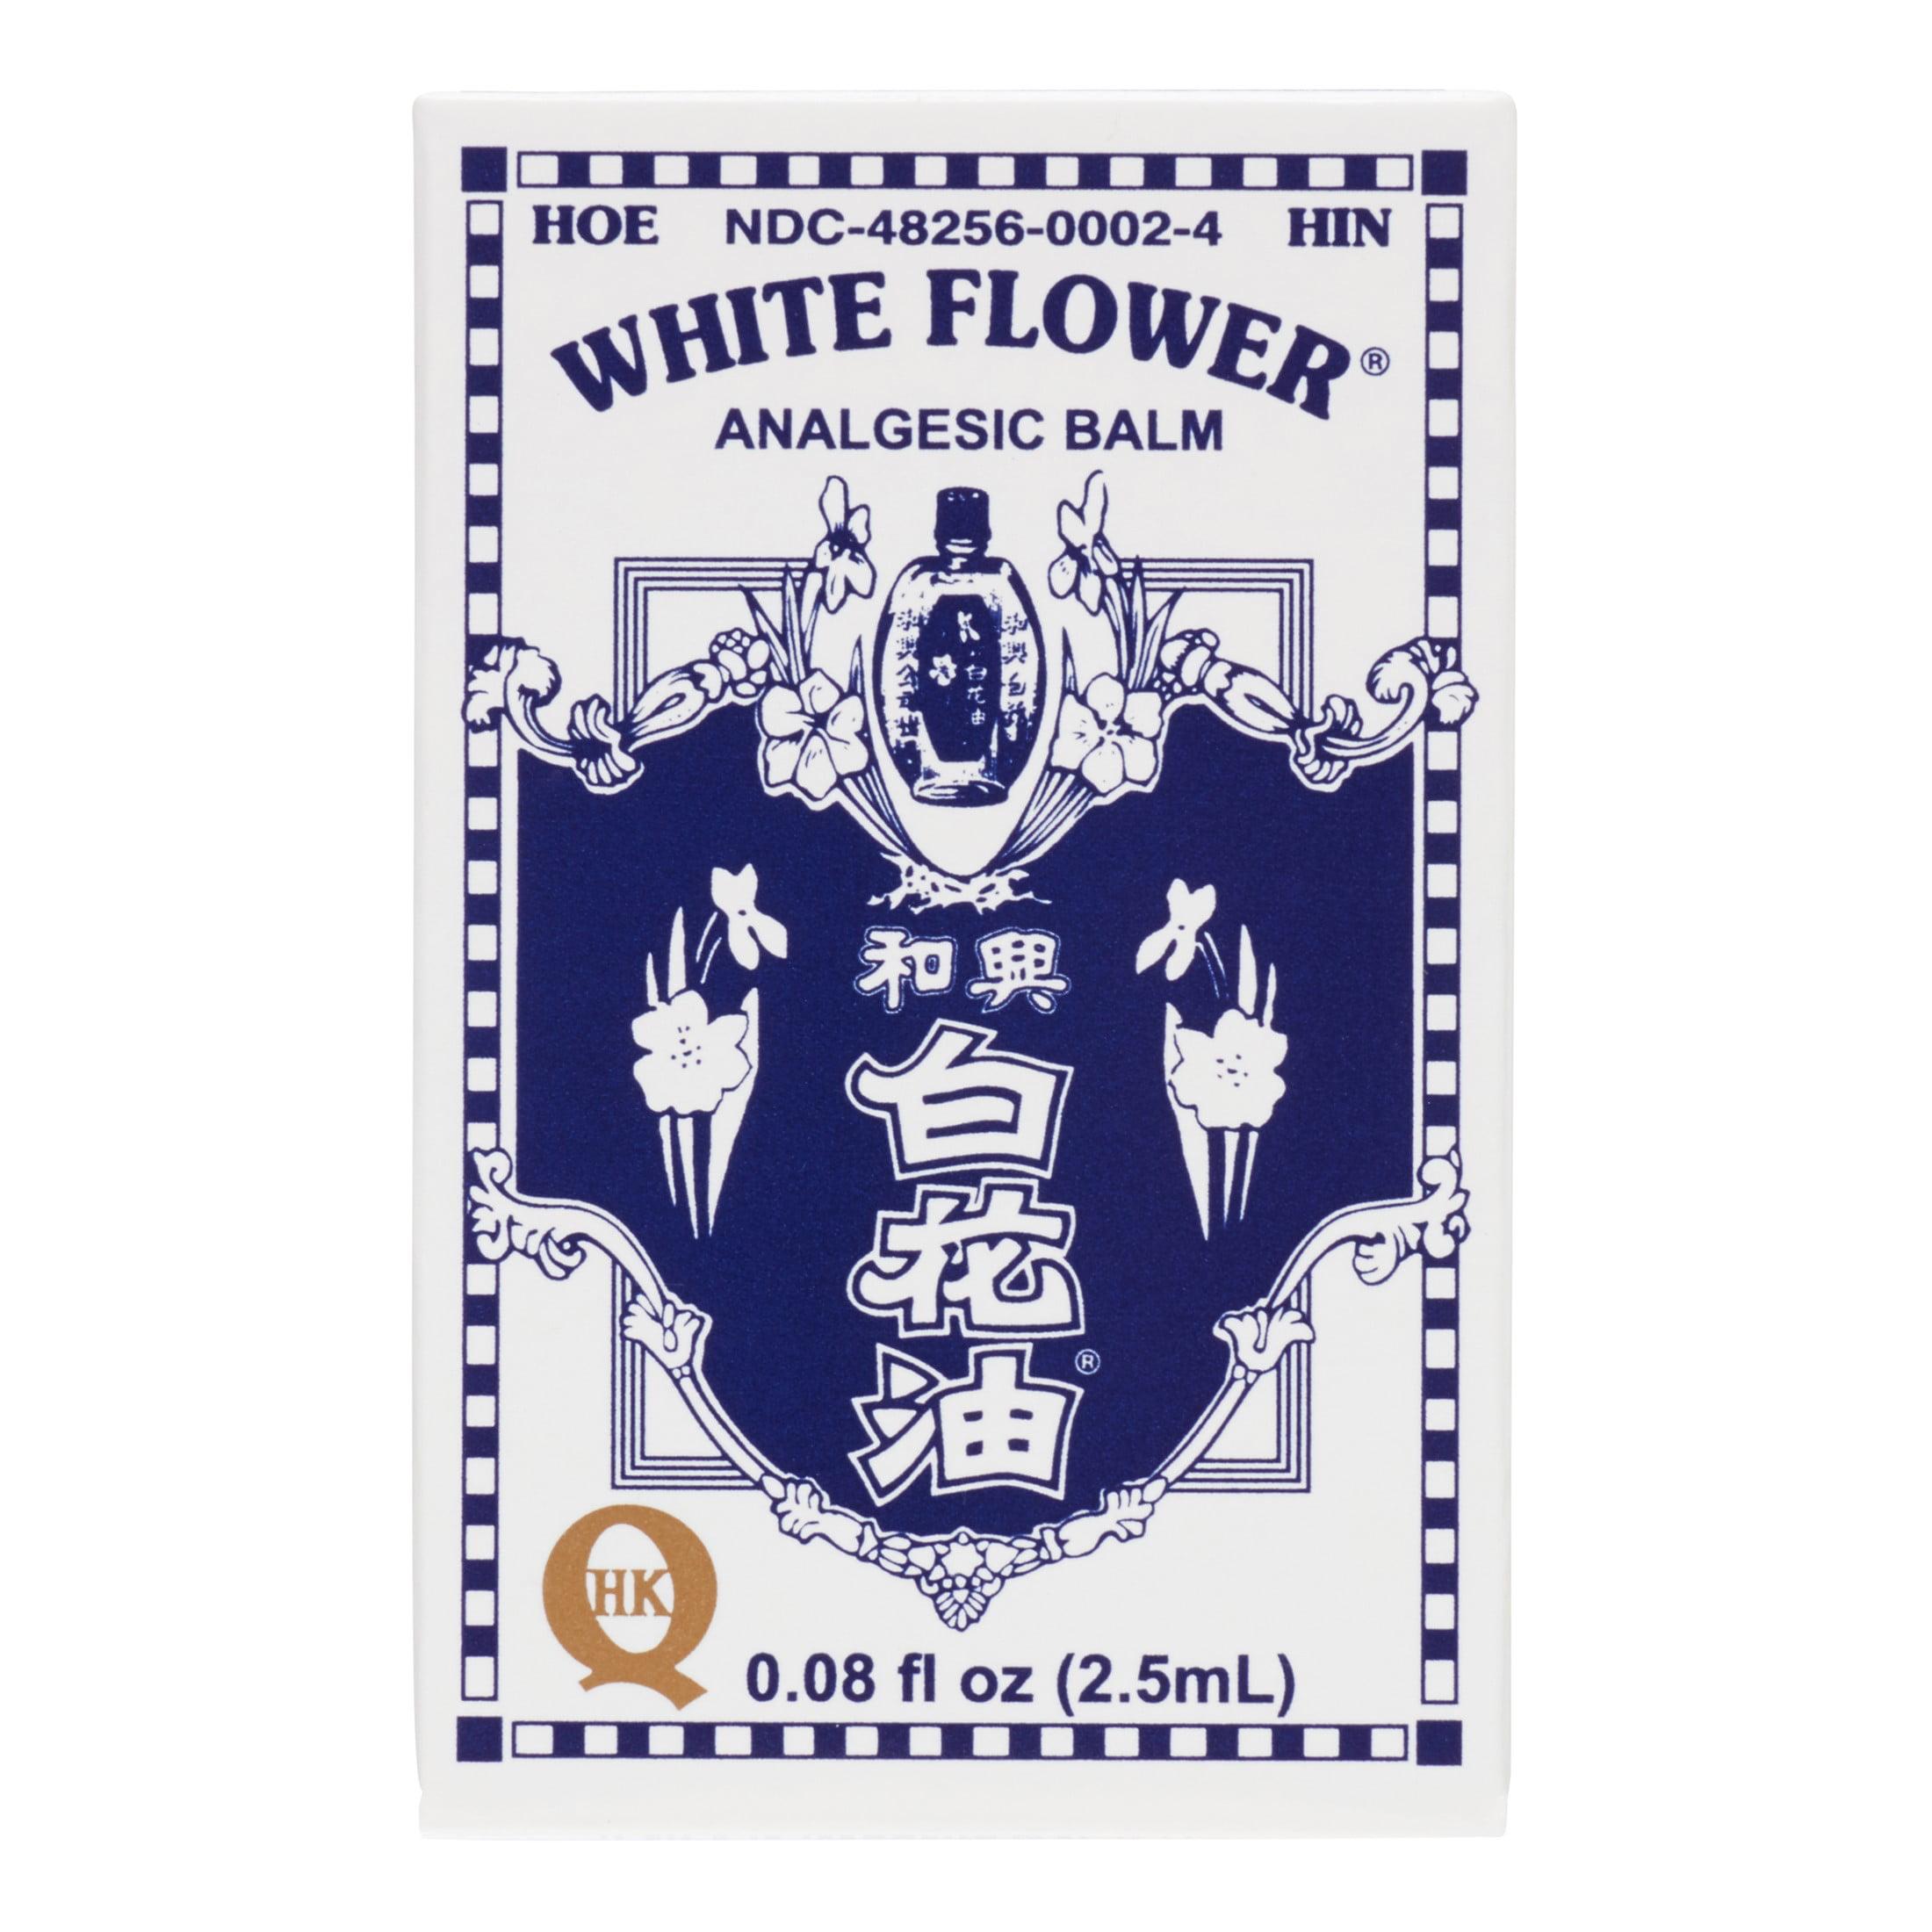 White flower analgesic balm 008 oz walmart mightylinksfo